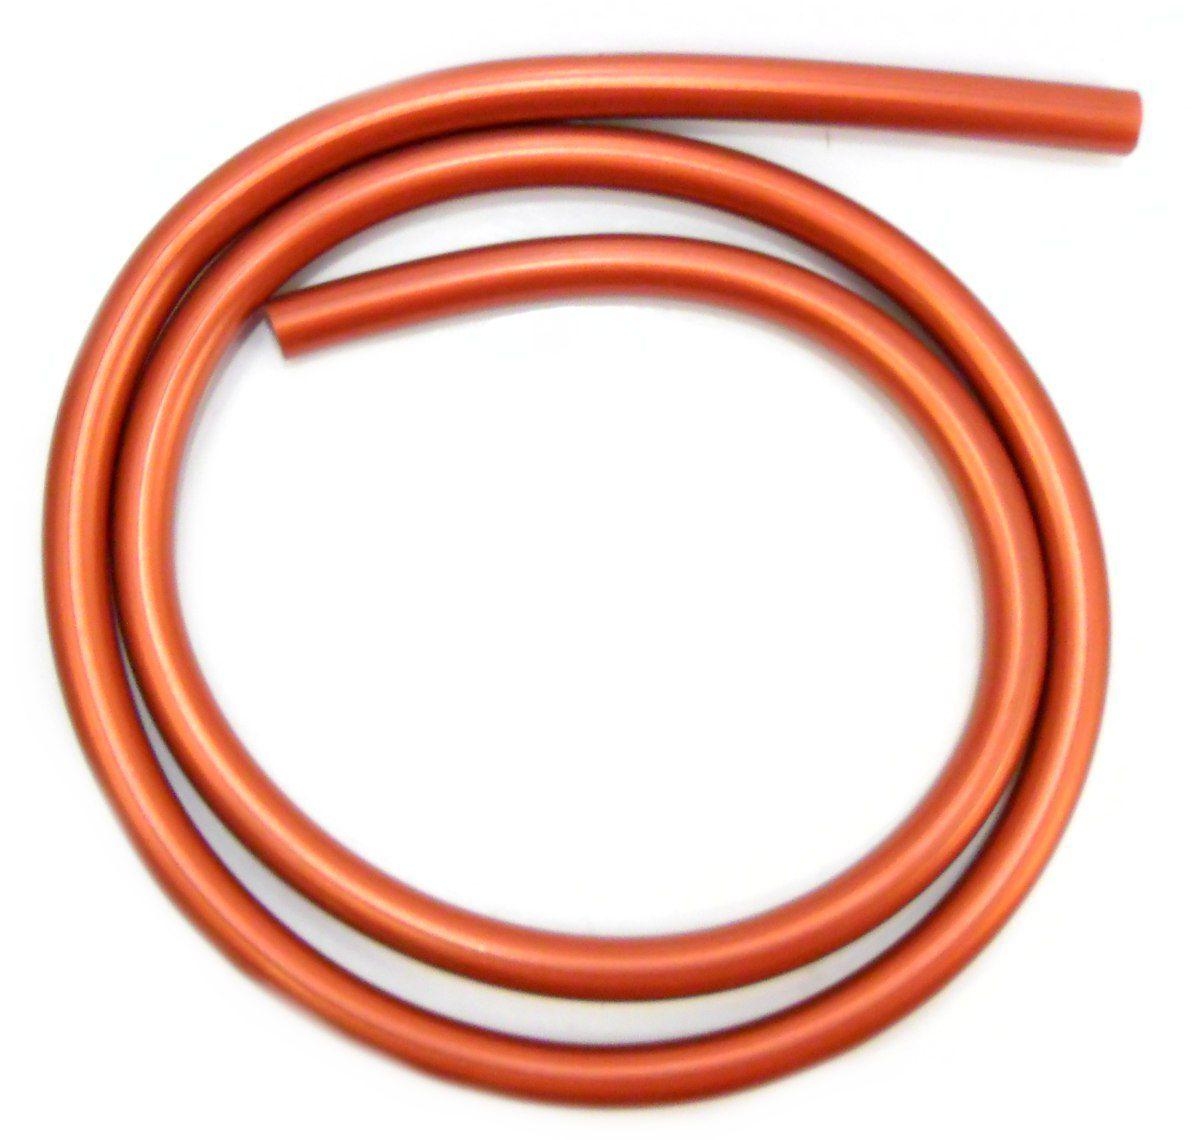 Mangueira p/narguile em silicone antichamas super flexível e leve. Encaixa todas as piteiras. 1,60m. Cobre